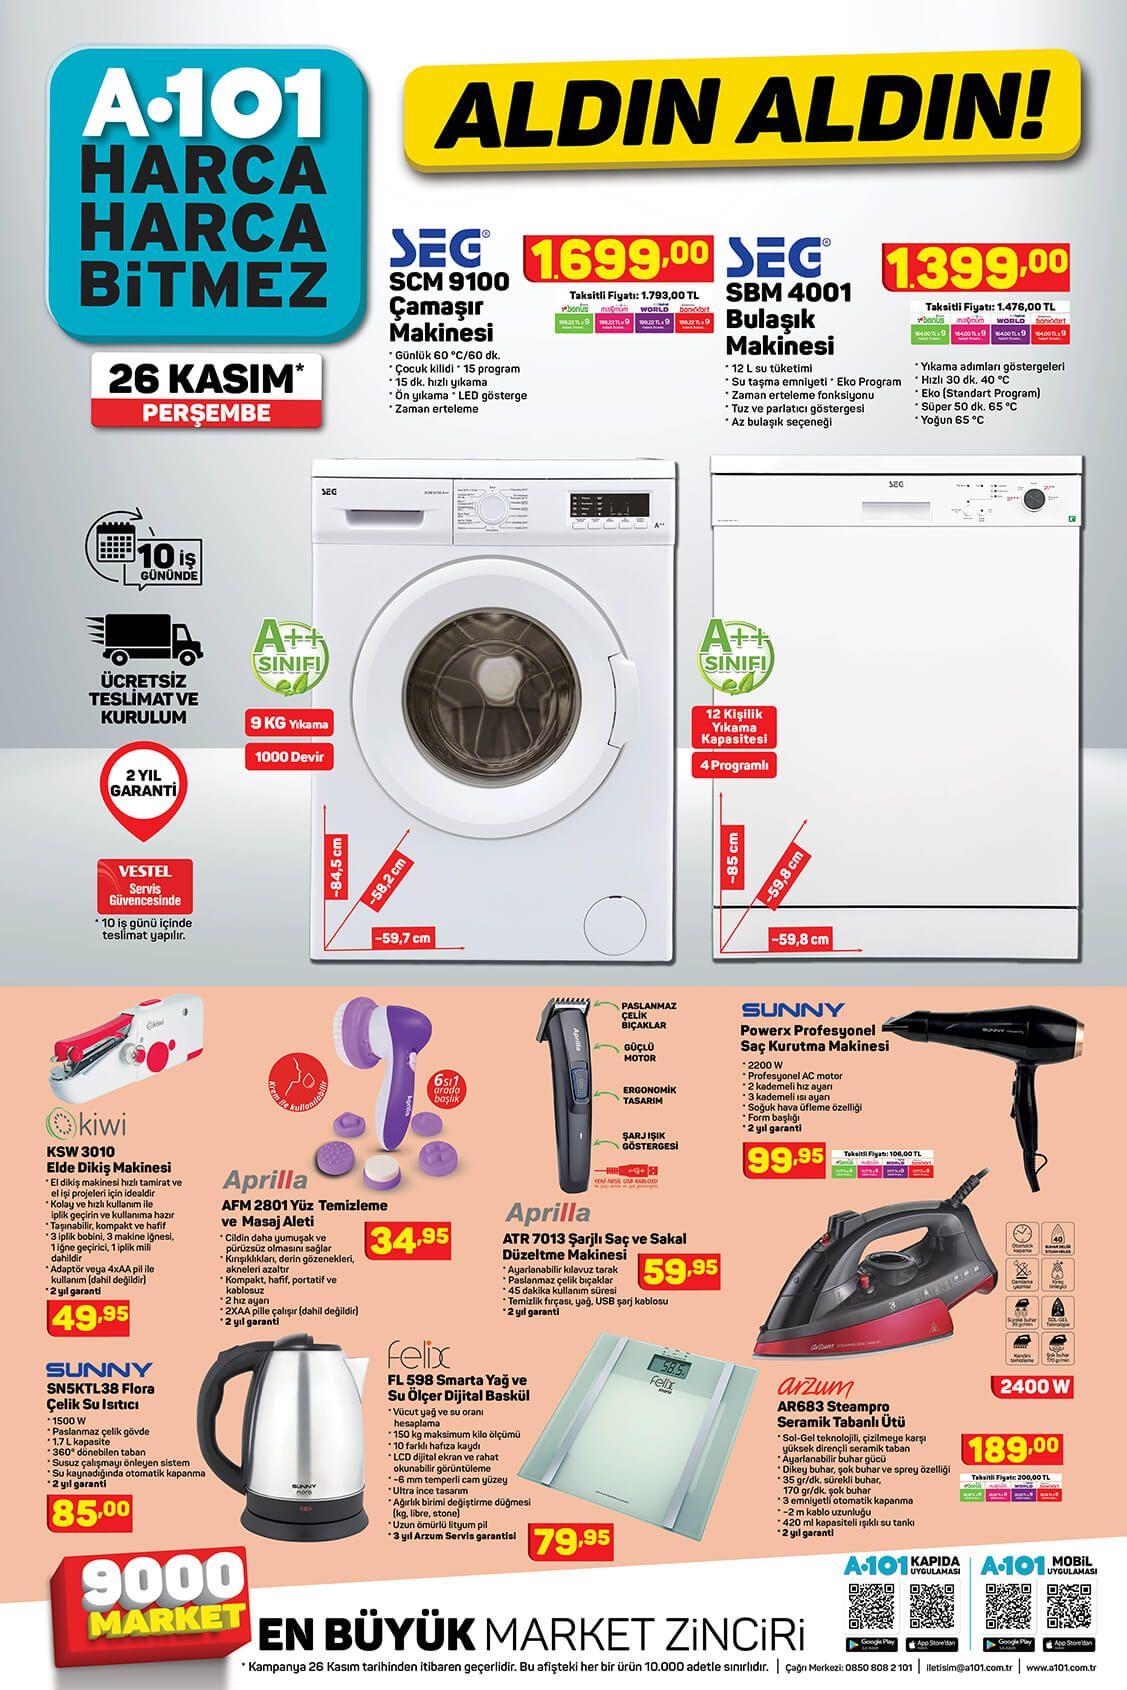 A101 26 Kasım 2020 Aktüel Ürünlerinin Beyaz Eşya ve Elektikli aletleri gösteren kataloğu